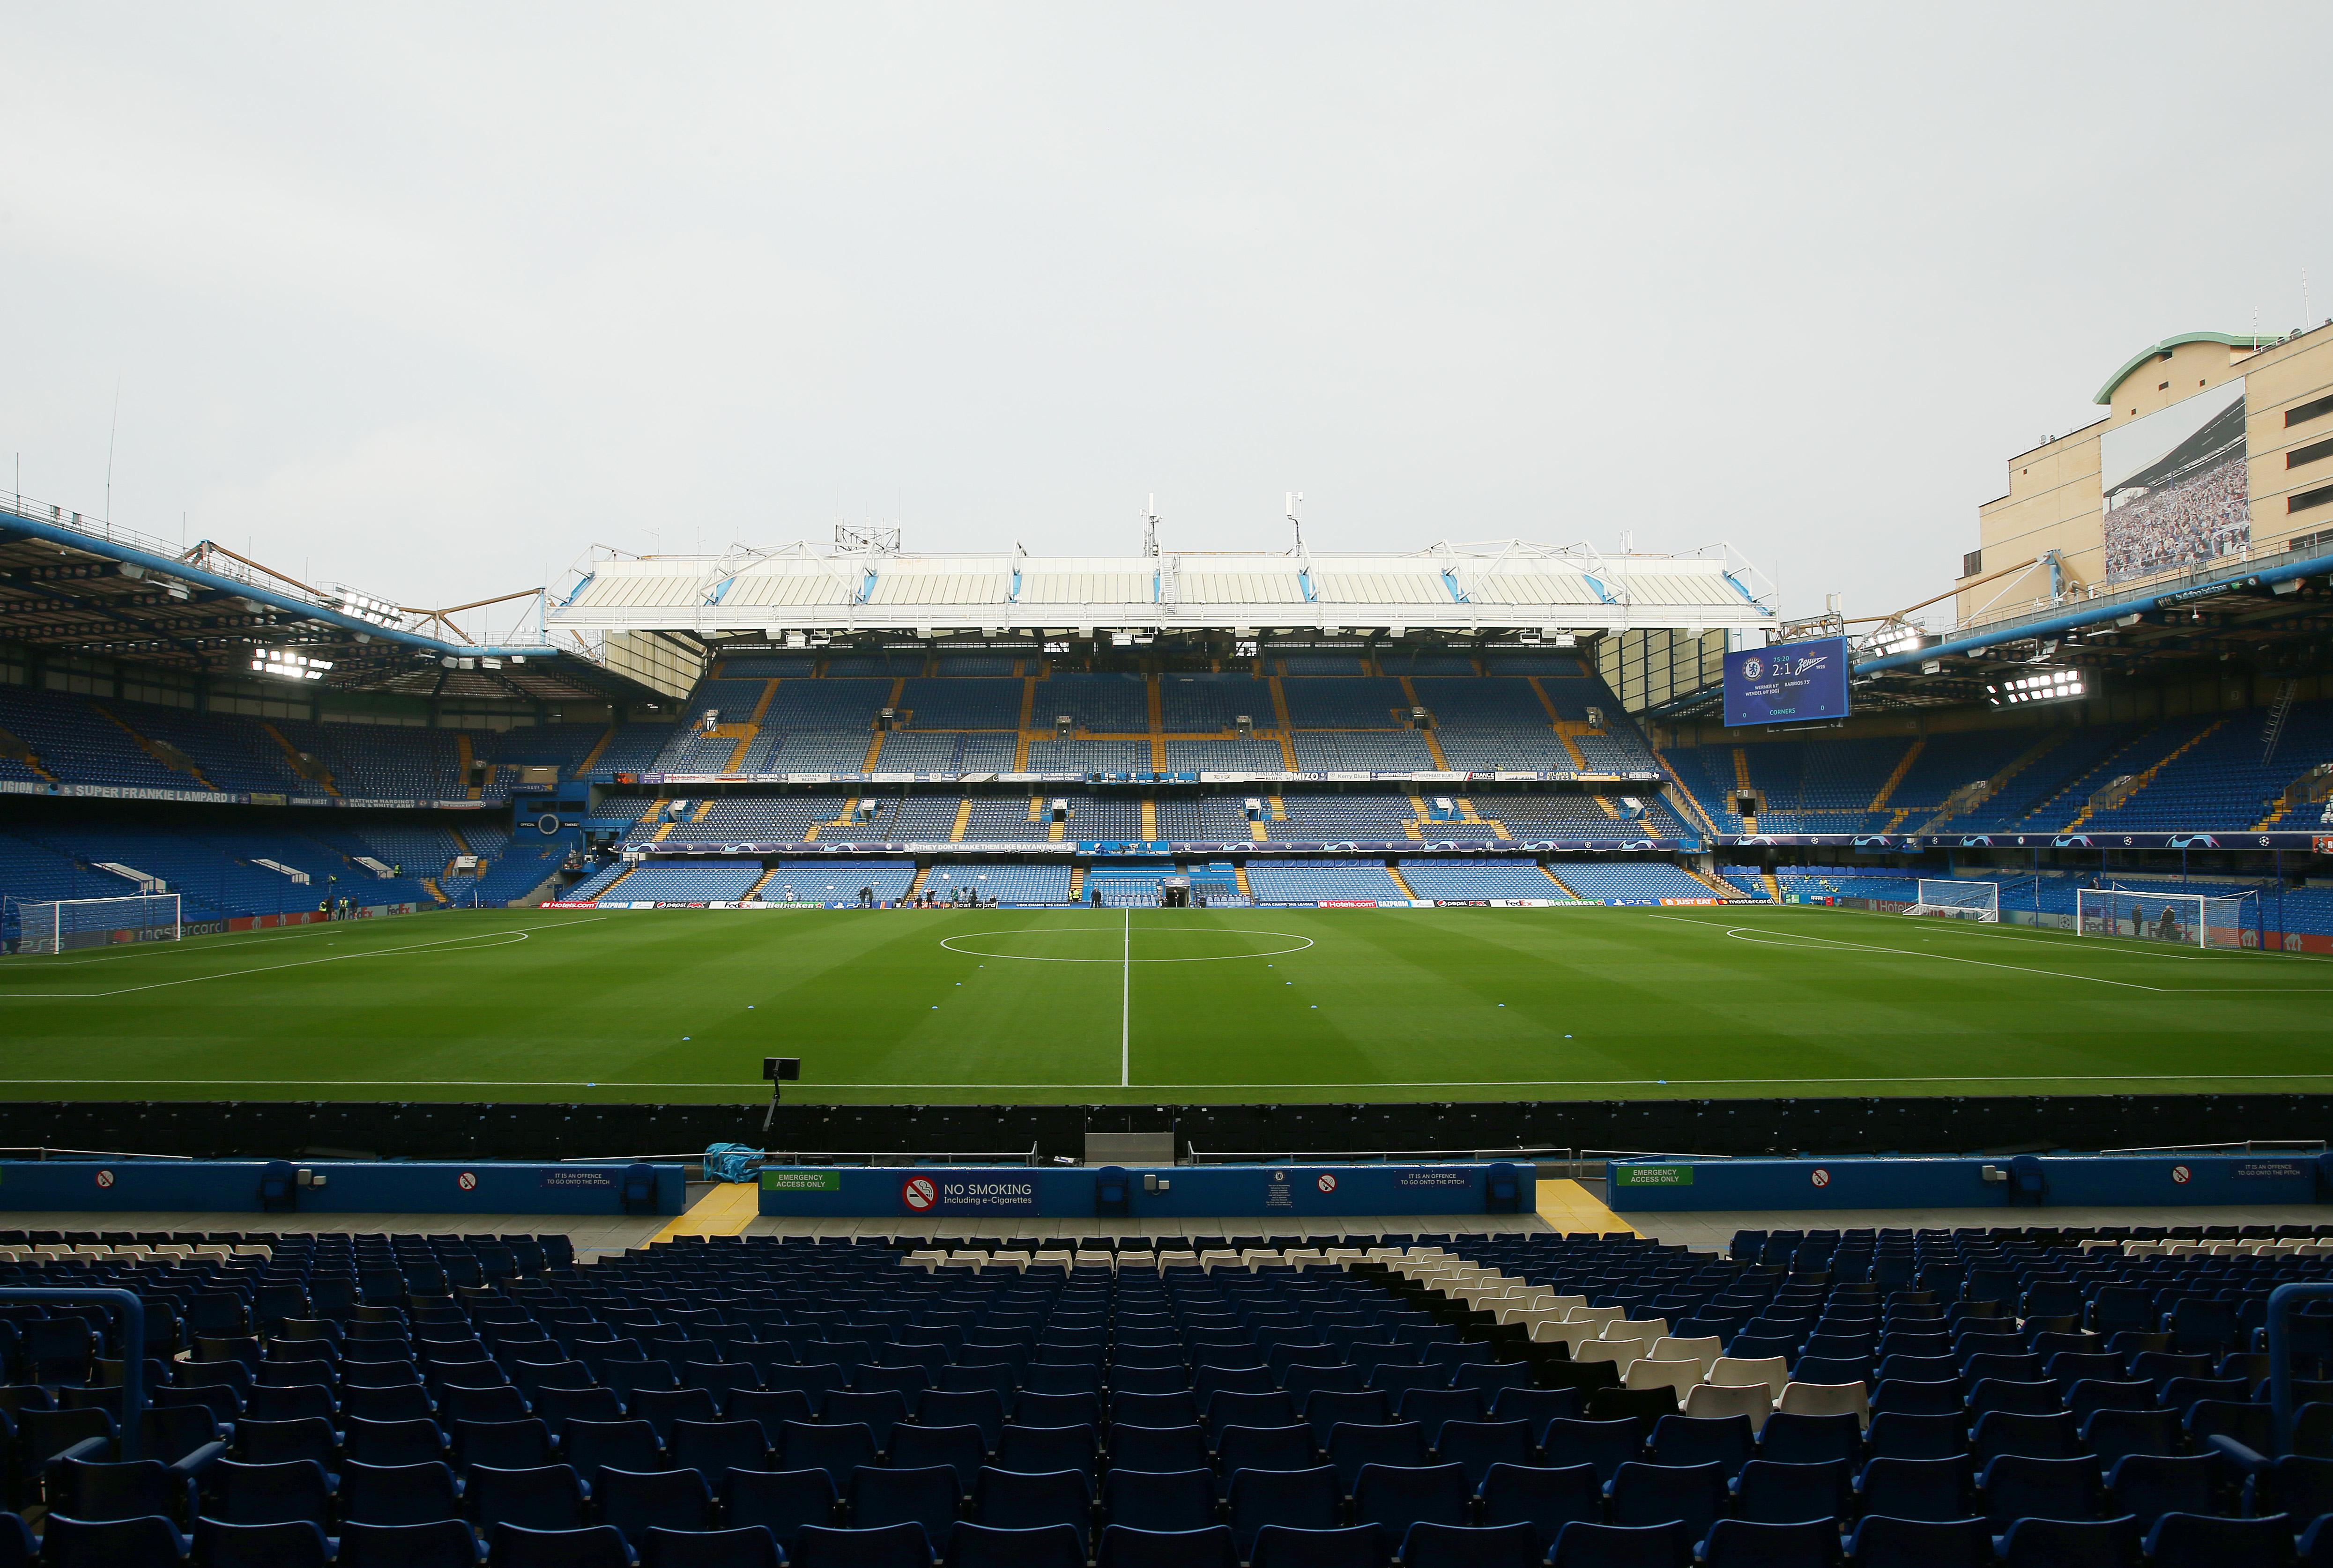 Chelsea FC v Zenit St. Petersburg: Group H - UEFA Champions League